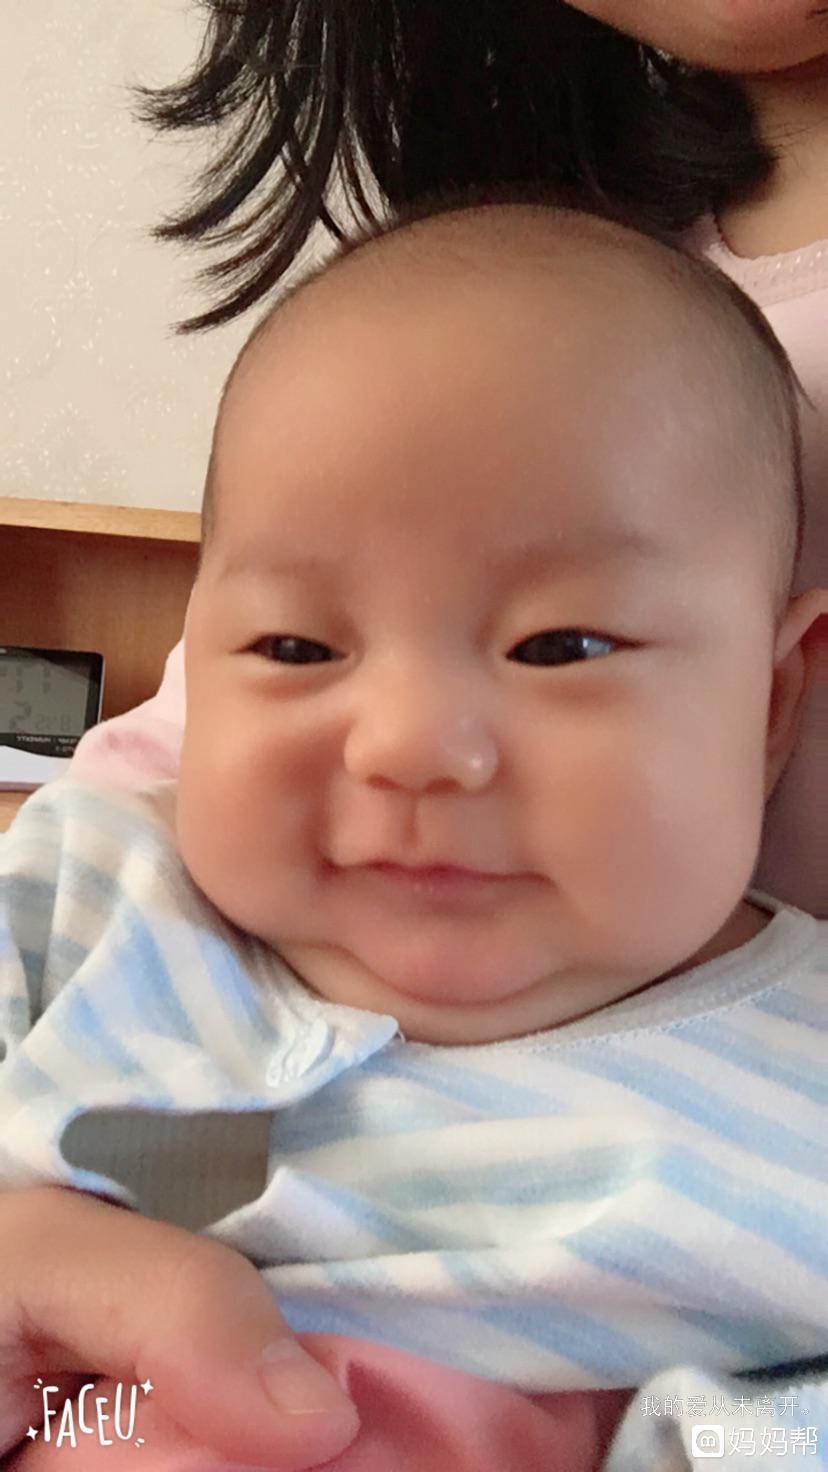 小胖子可爱吗